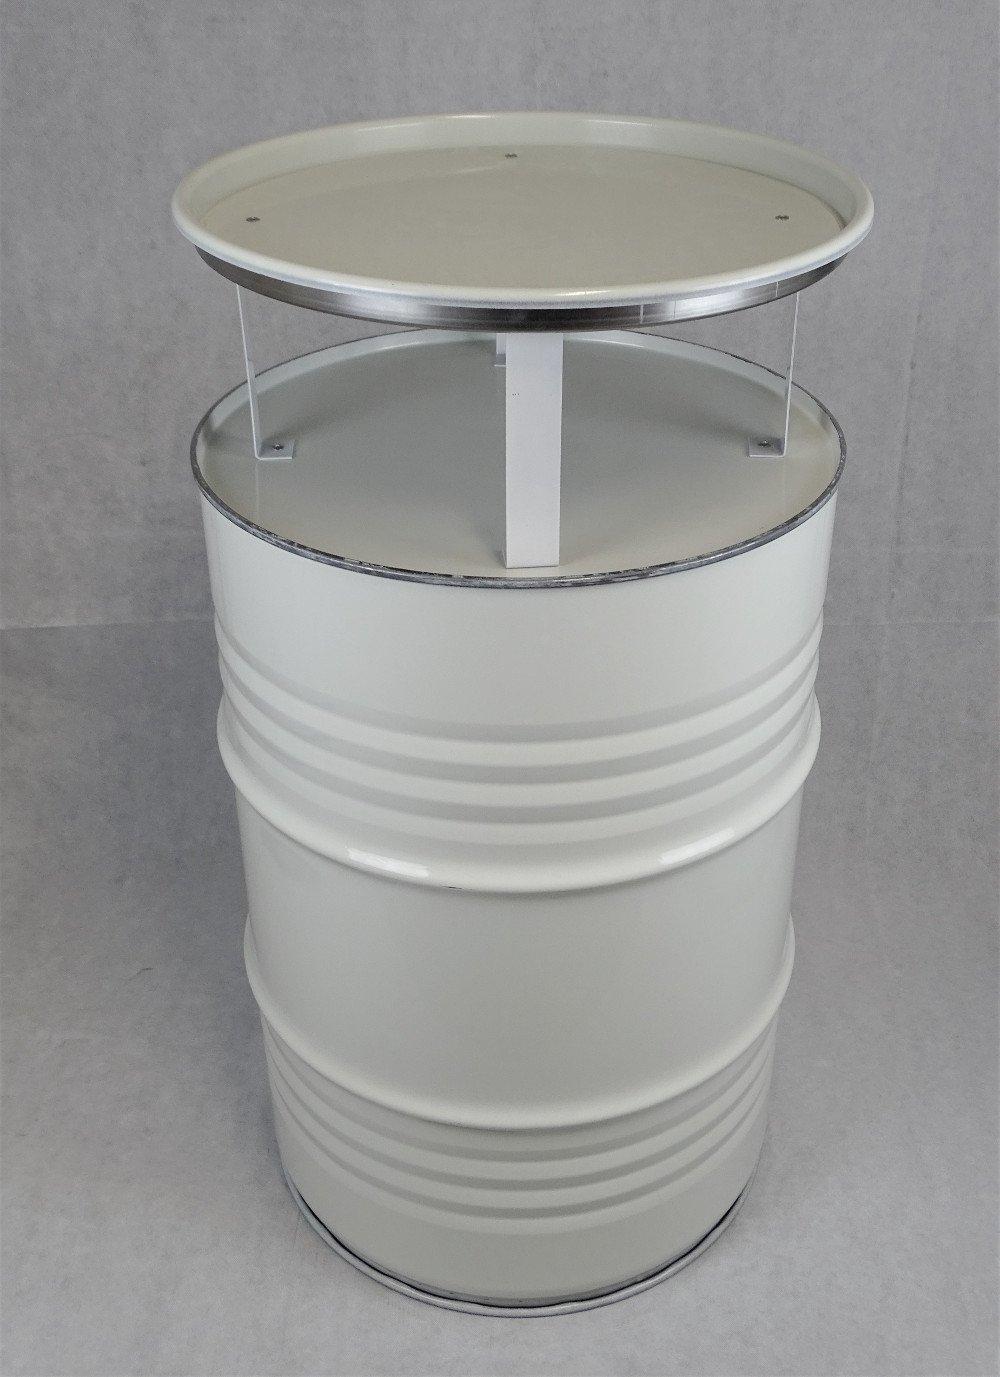 Fassmöbel Stehtisch Bistrotisch Tisch Design Partytisch Weiß Ø 57cm Höhe 108cm   Glatter Glanz - pflegeleichte Oberfläche